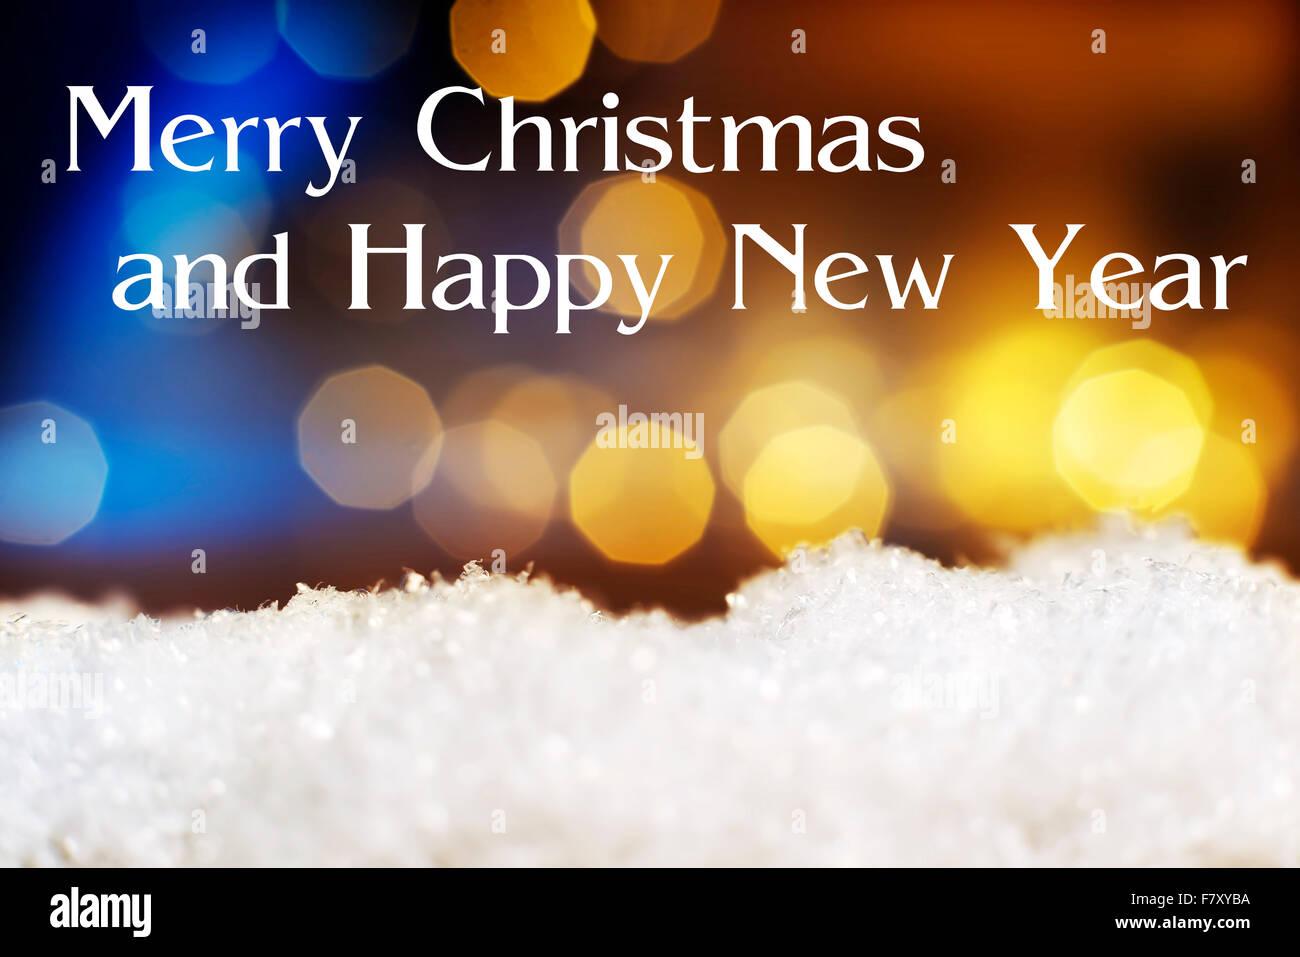 Frohe Weihnachten Und Happy New Year.Bild Von Schnee Und Bokeh Kunstlicht Im Hintergrund Und Text Frohe